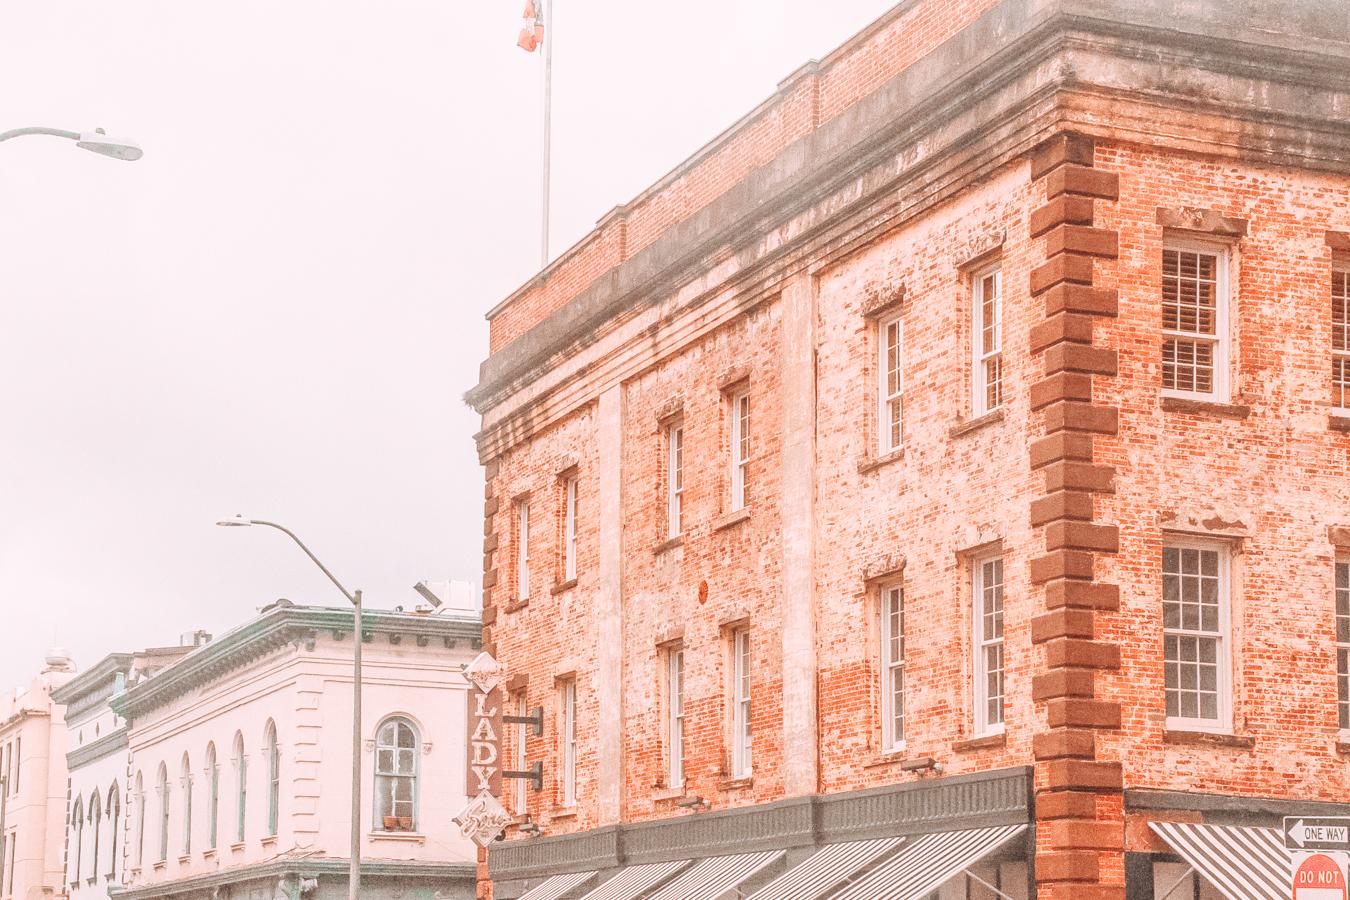 Historic buildings in Savannah